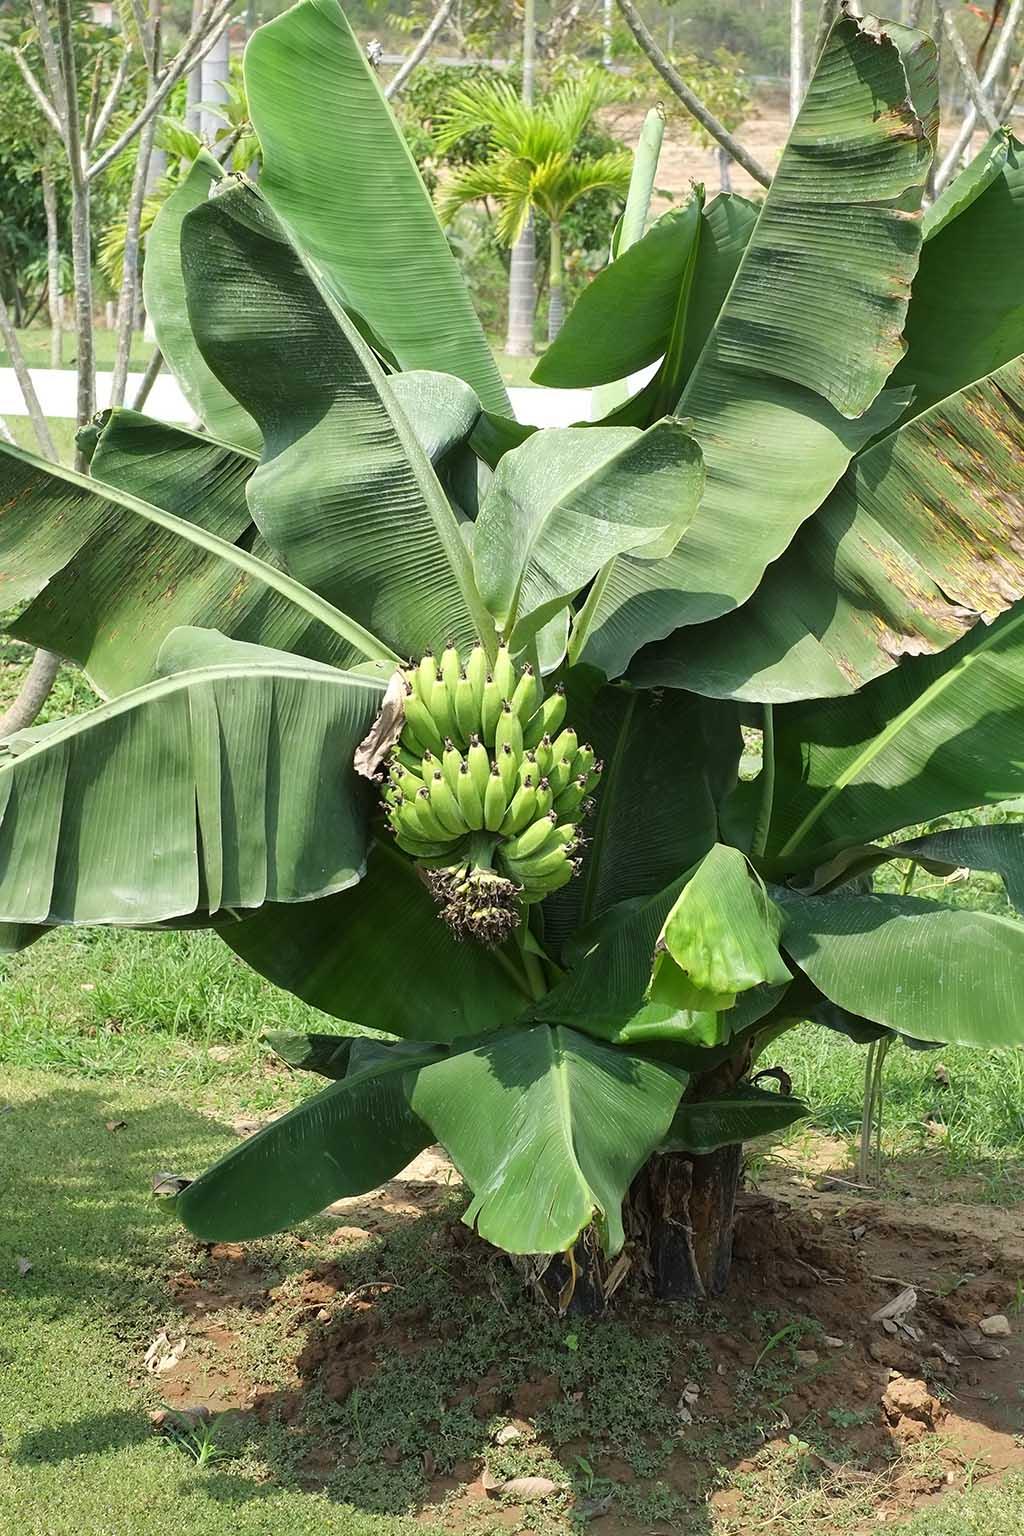 ягода банан относится к травам